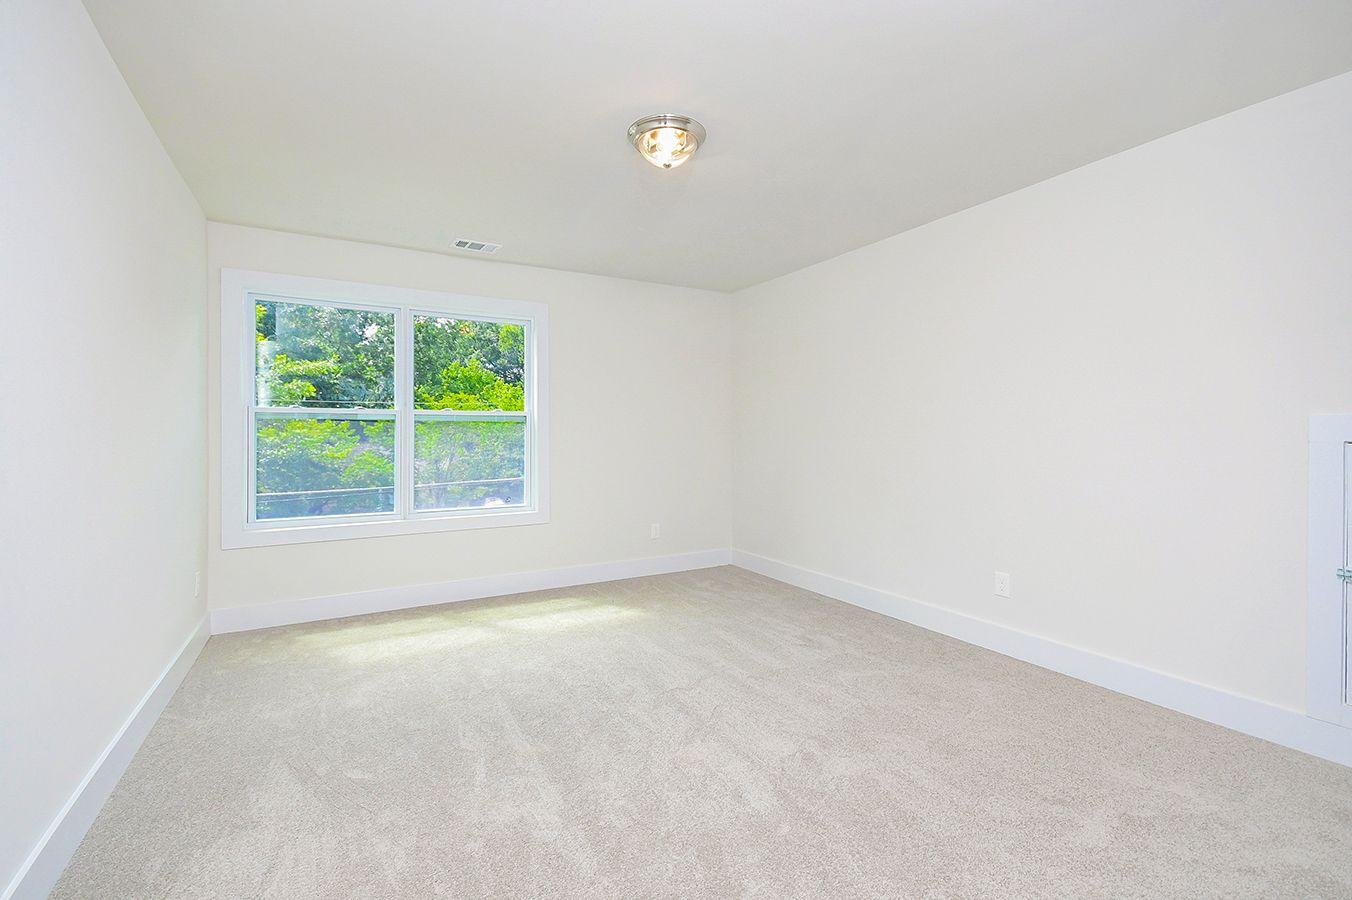 Upper_Level_Bedroom1.jpg